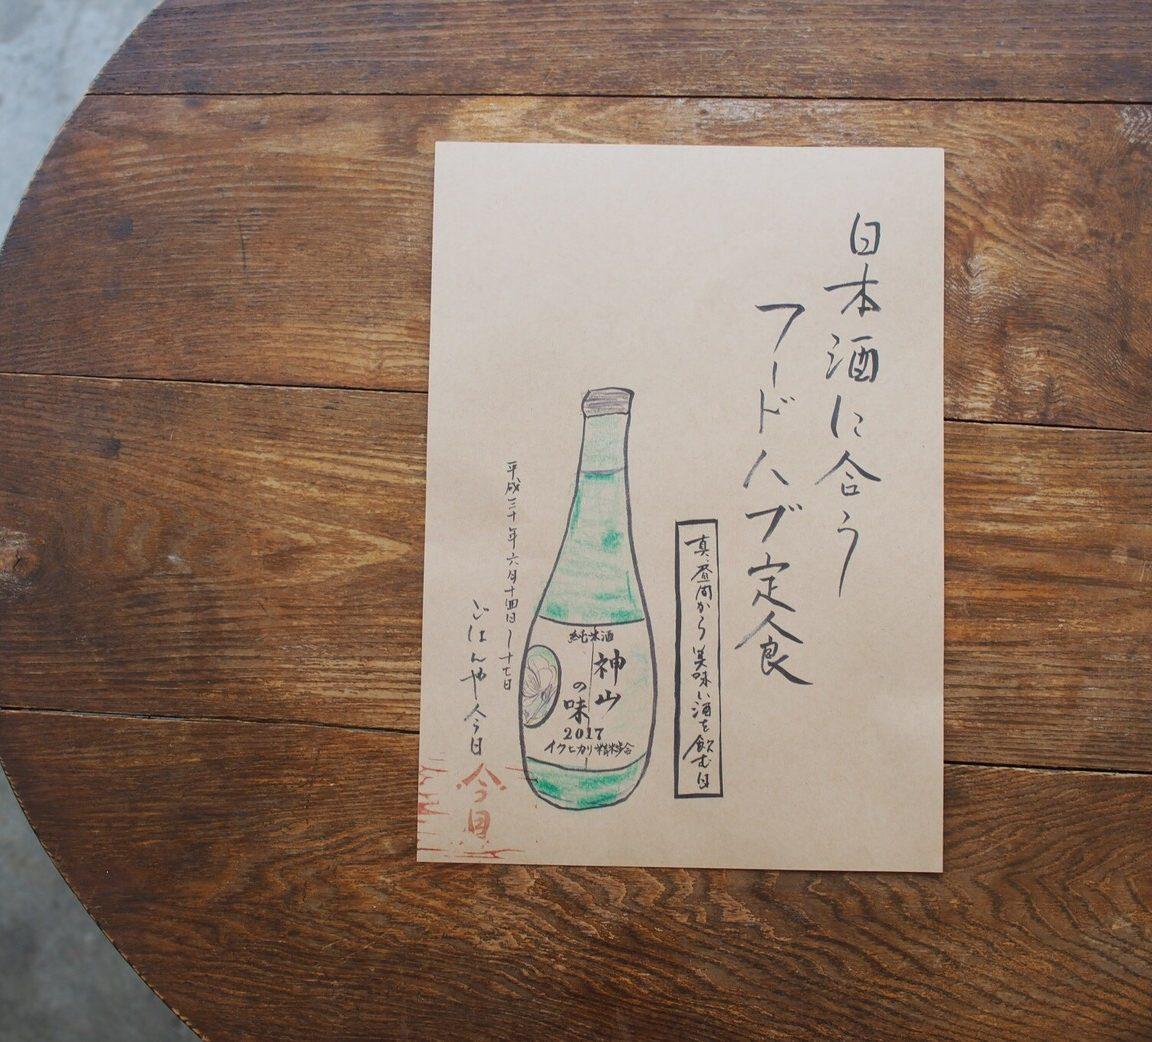 """日本酒 """"神山の味2017"""" と """"フードハブ定食"""" で神山の旬を味わおう@東京"""